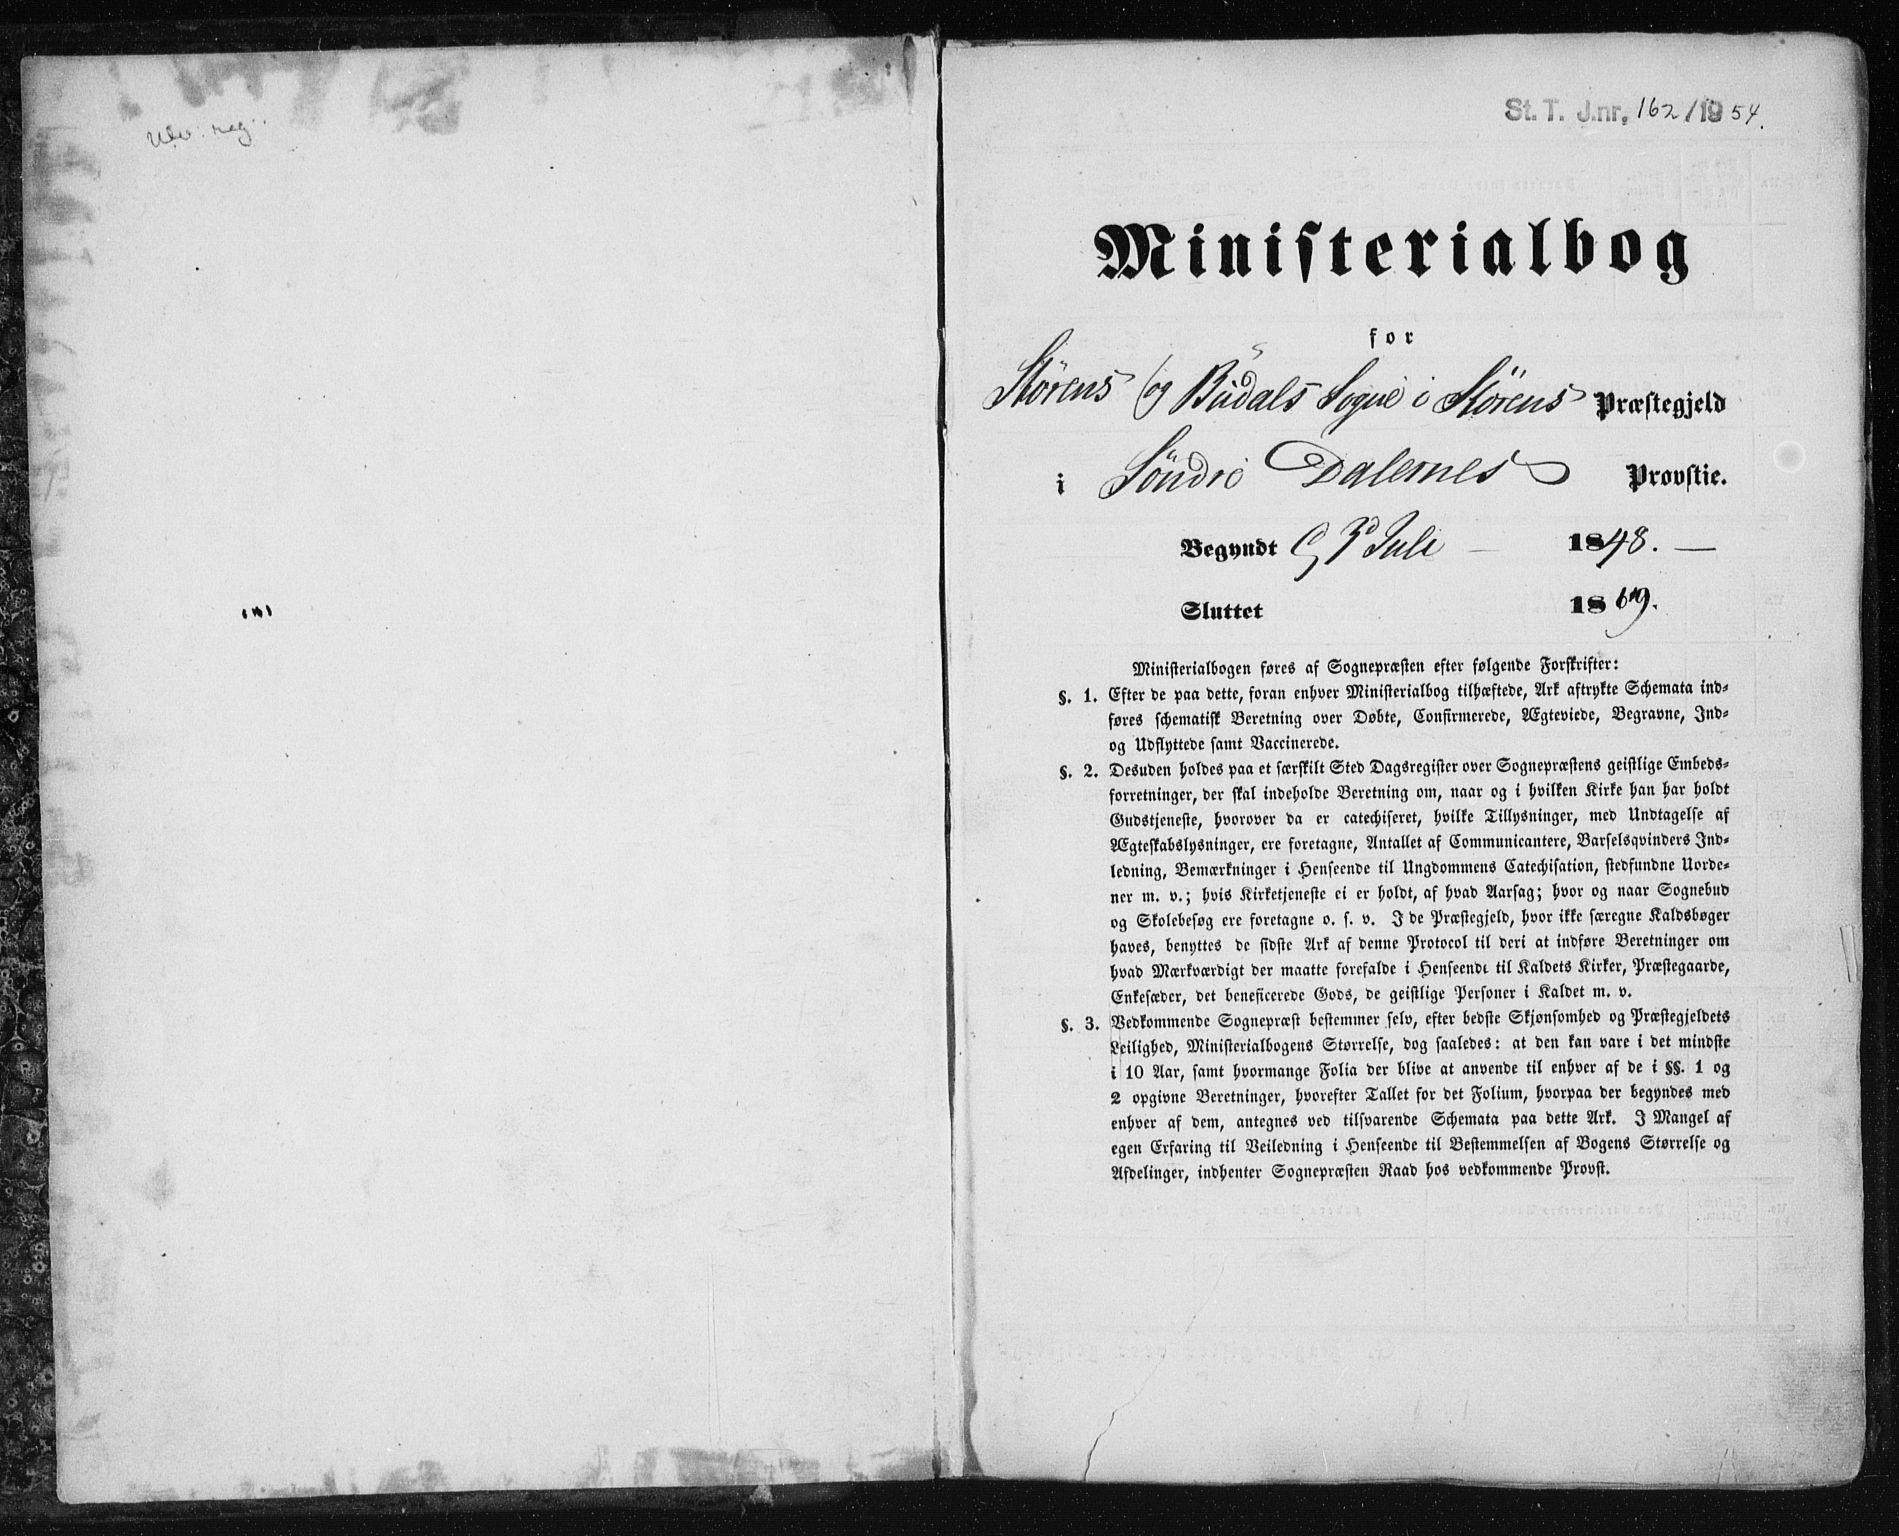 SAT, Ministerialprotokoller, klokkerbøker og fødselsregistre - Sør-Trøndelag, 687/L1000: Ministerialbok nr. 687A06, 1848-1869